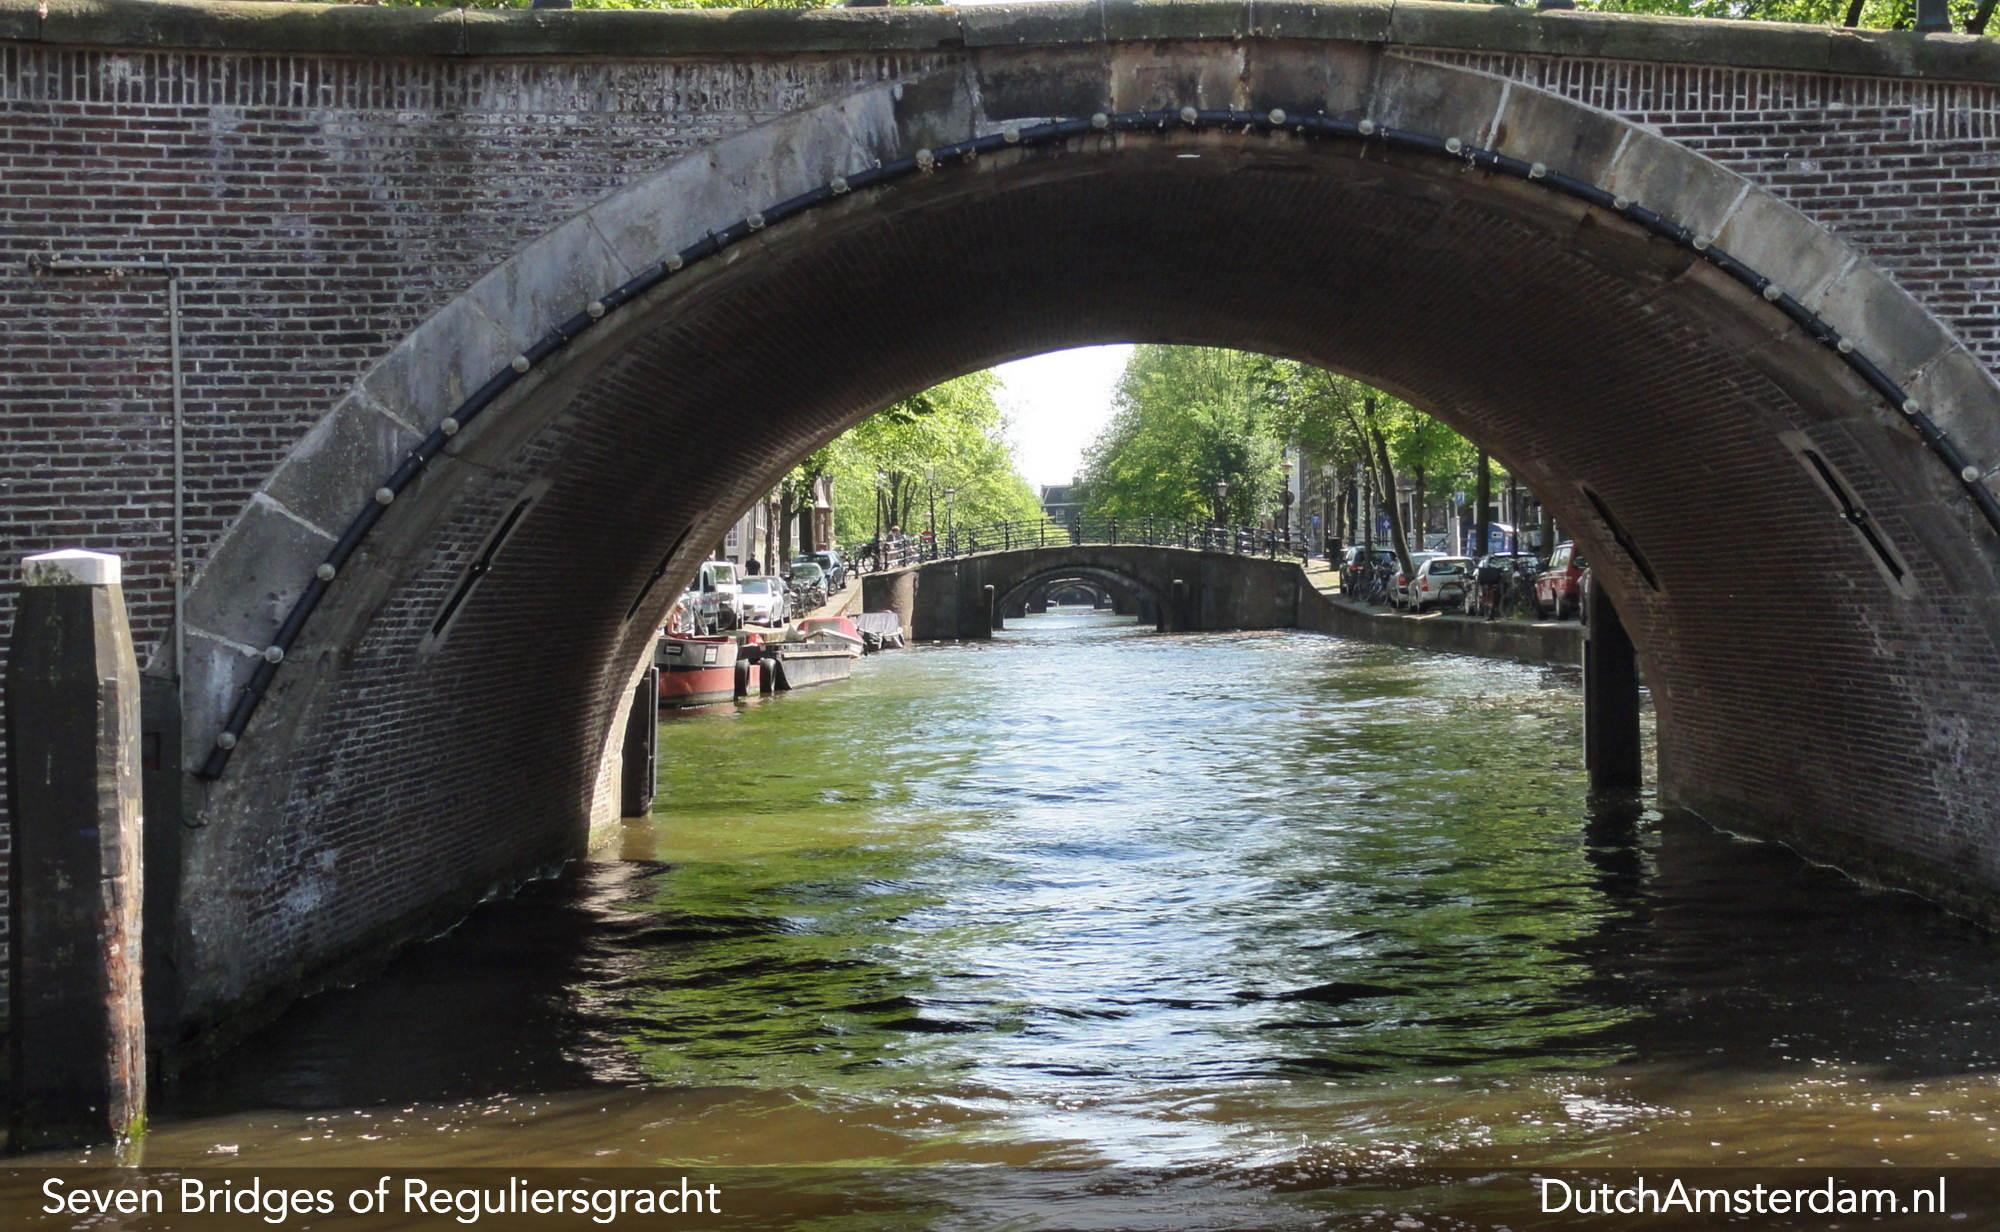 Seven Bridges of Reguliersgracht